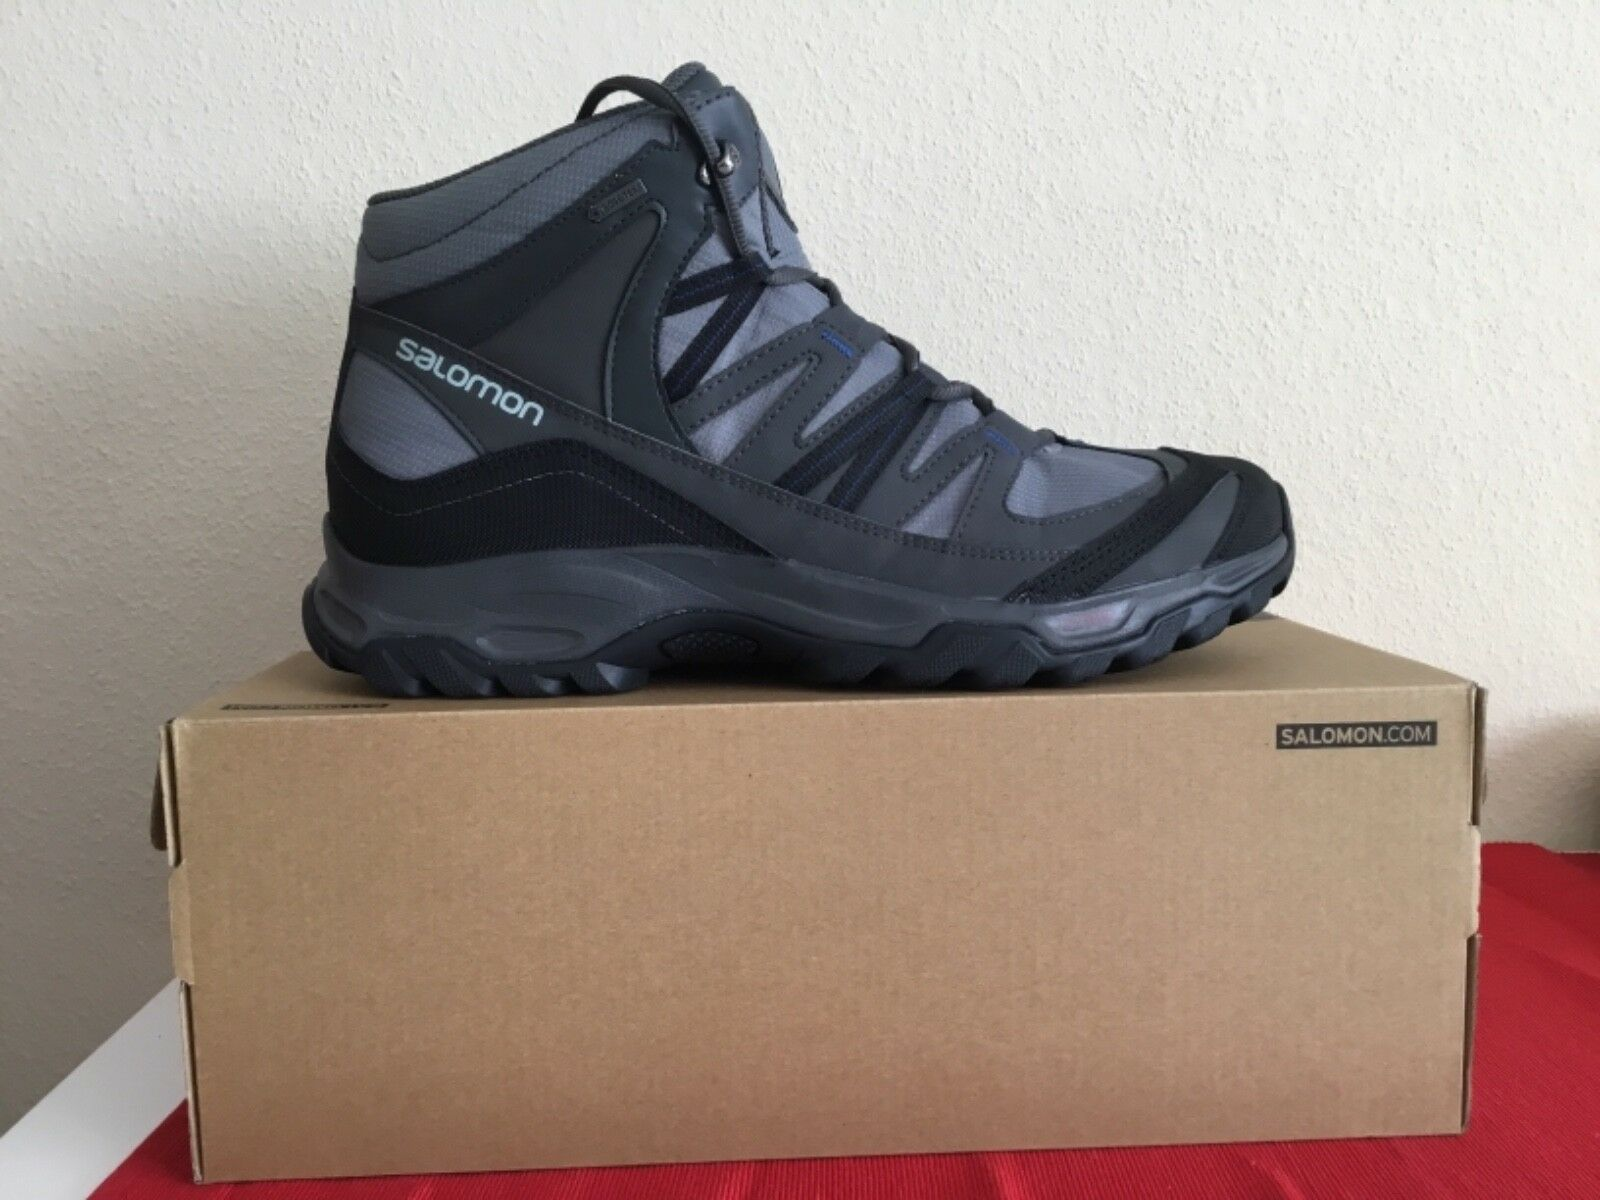 Salomon mudstone mid 2 GTX Hombre botín de senderisml botas talla  elegibles nuevo en caja de cartón